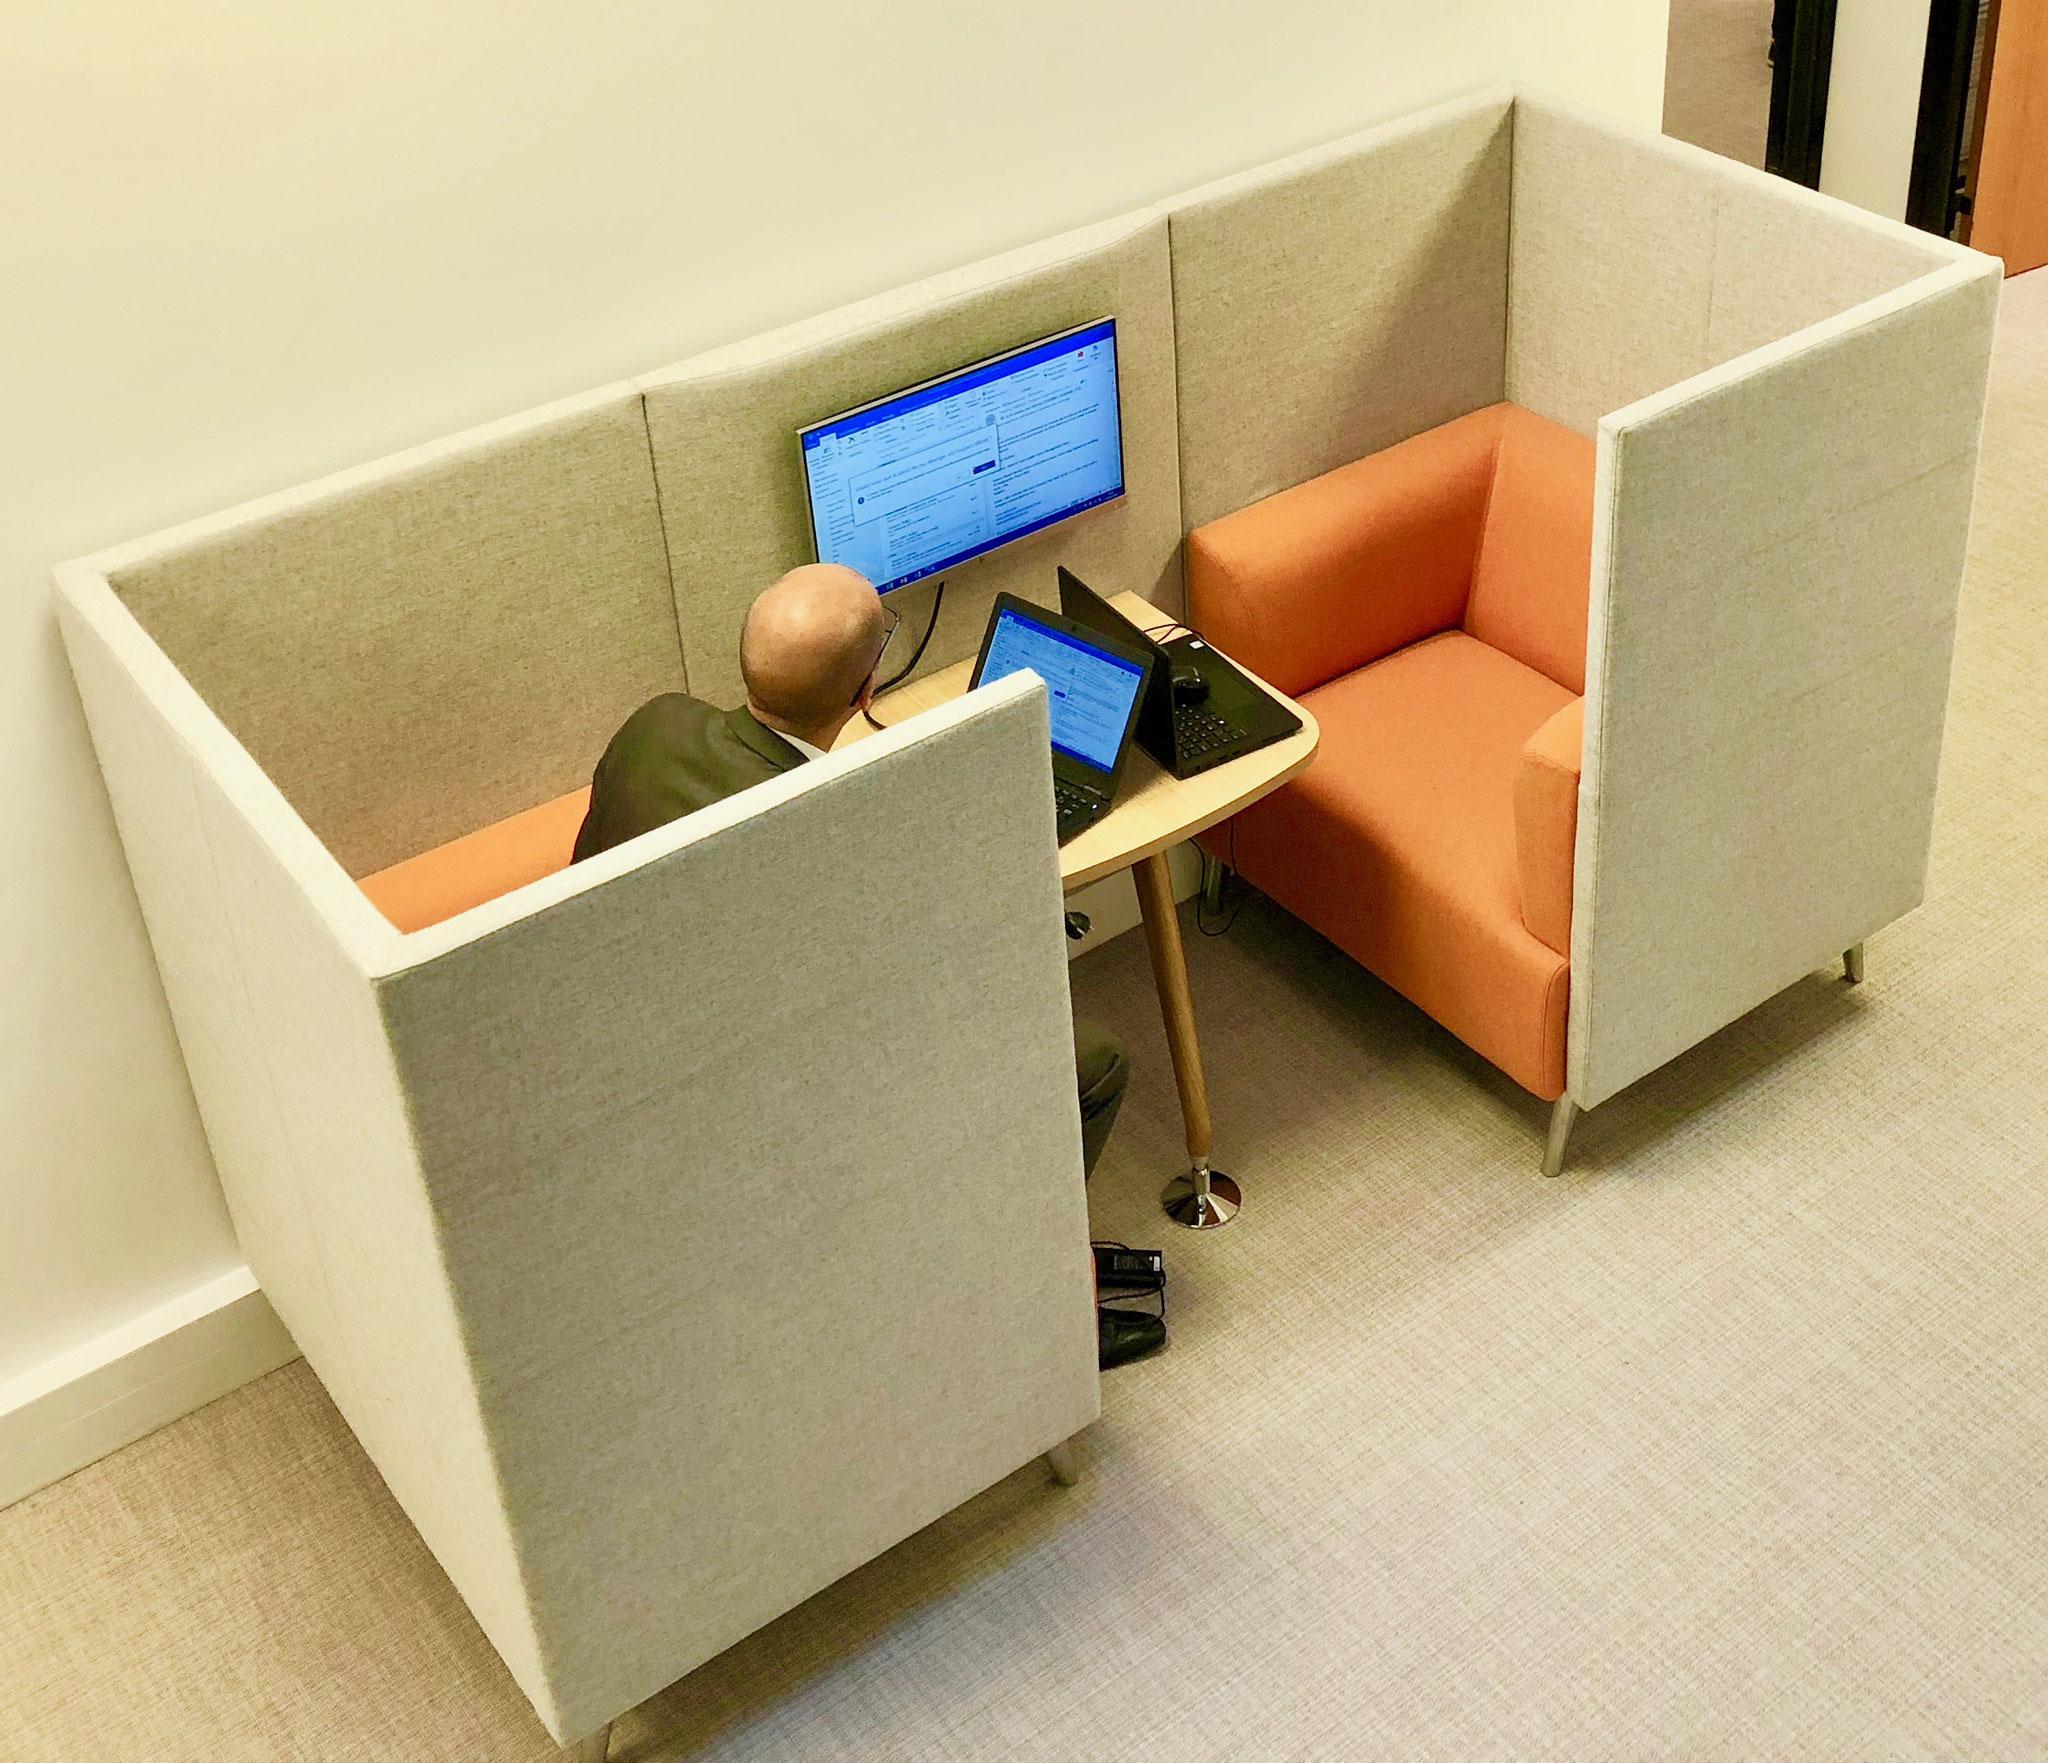 un modèle de réunion à deux dans un espace partagé de travail